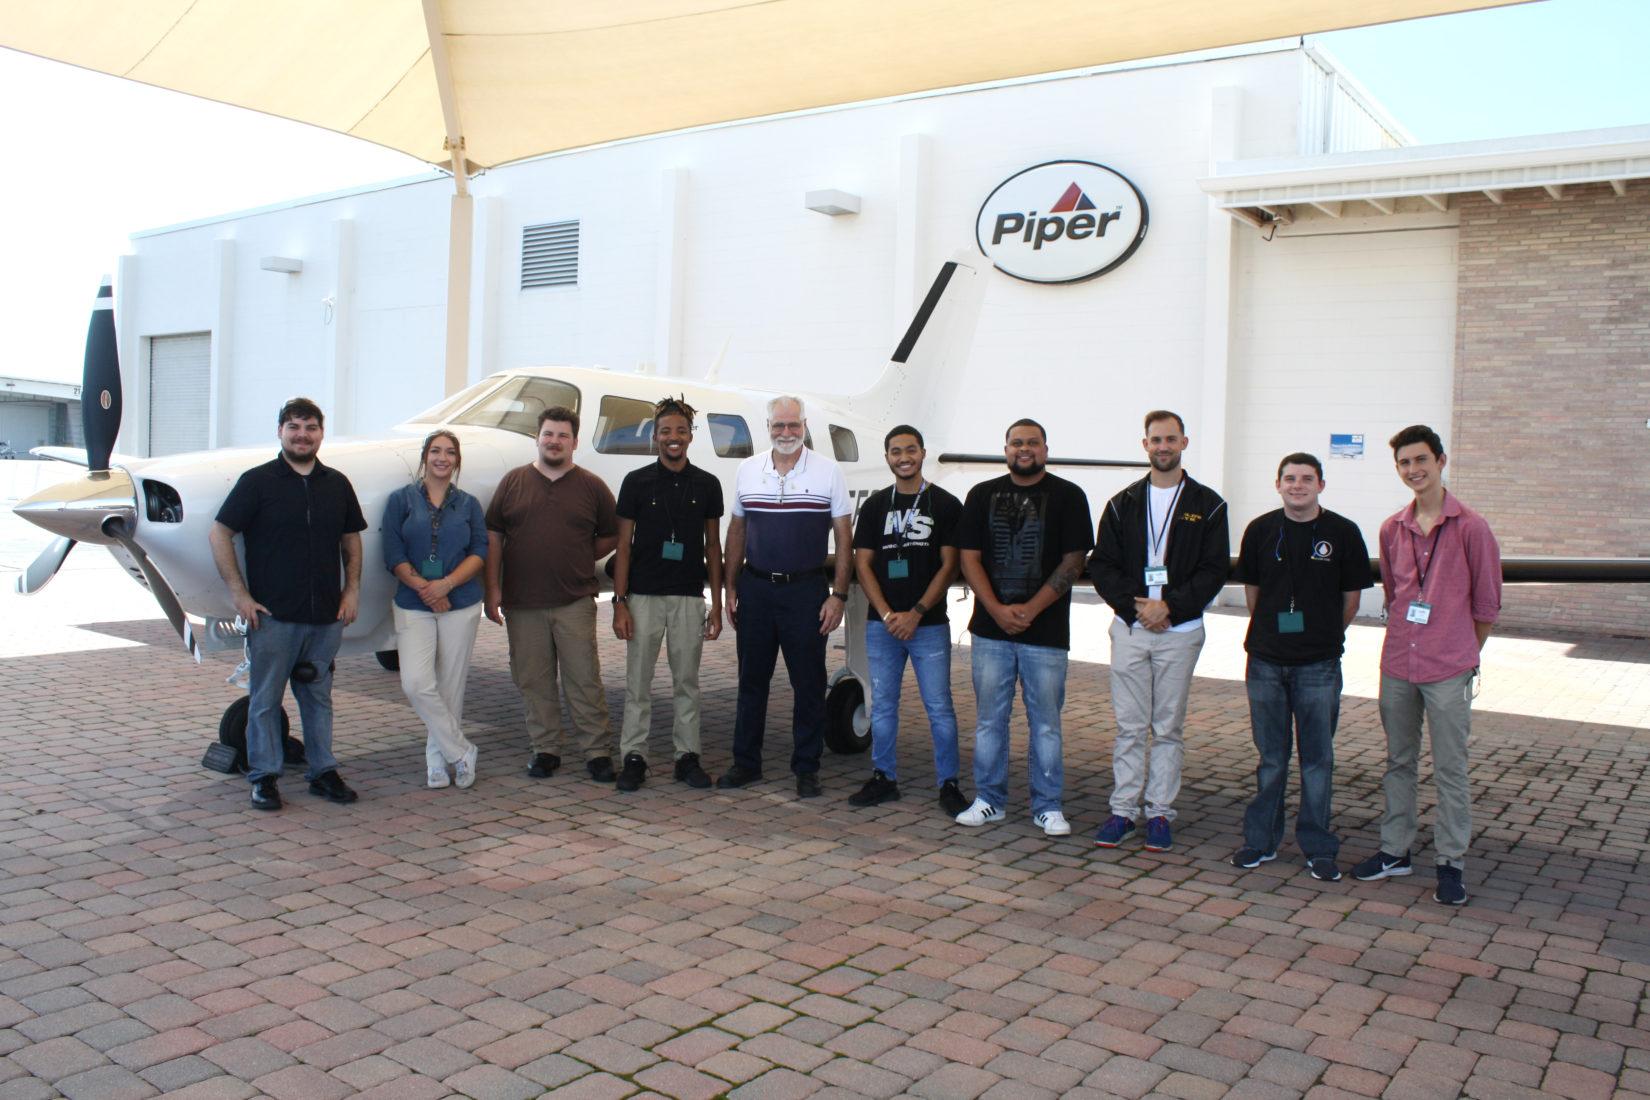 Piper Apprentices